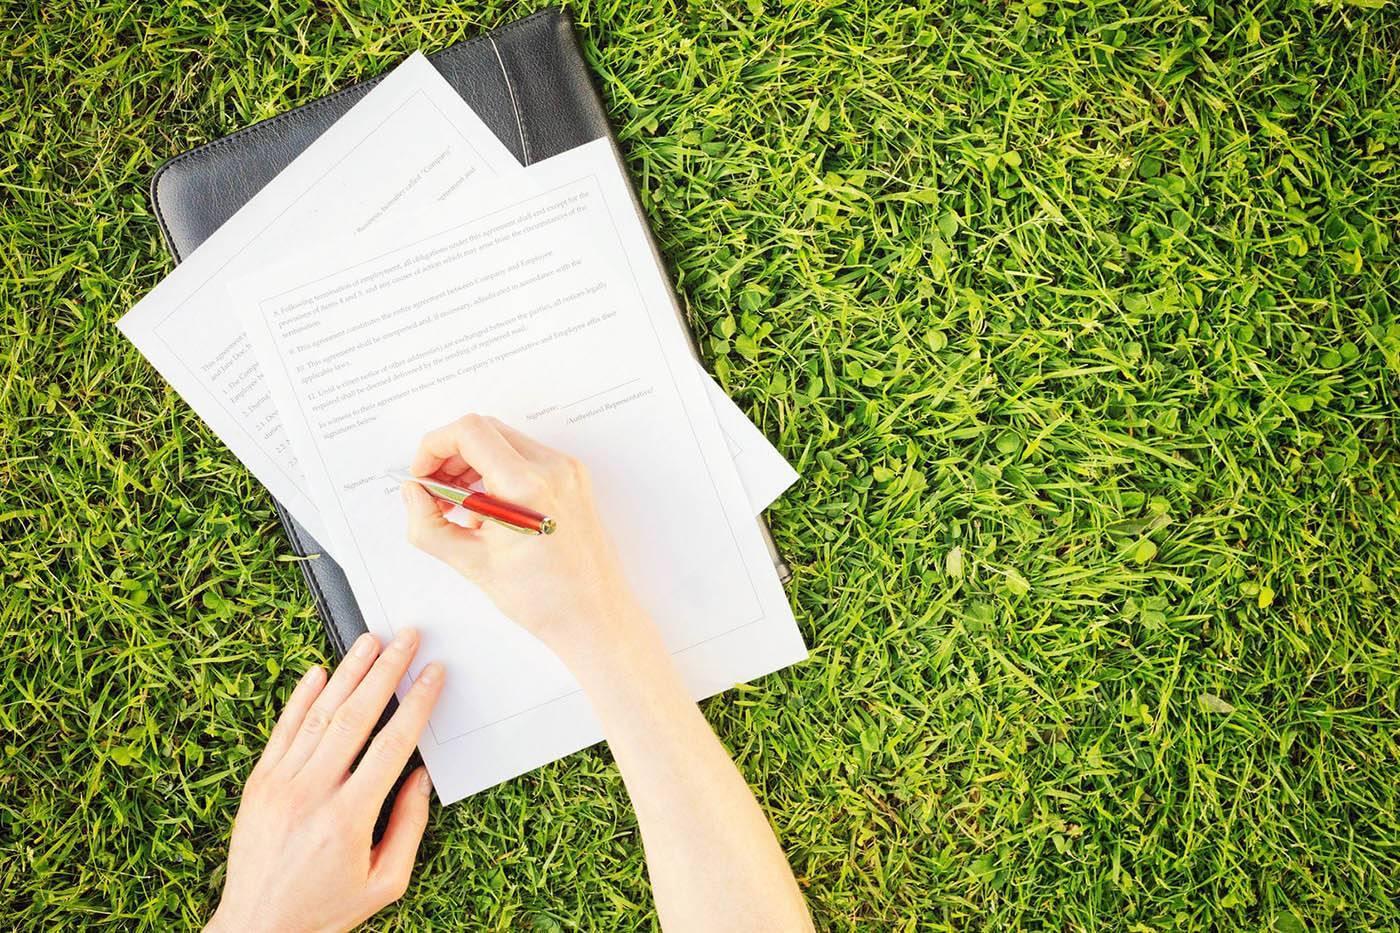 Как оформить земельный участок в собственность в 2020 году: порядок и документы?